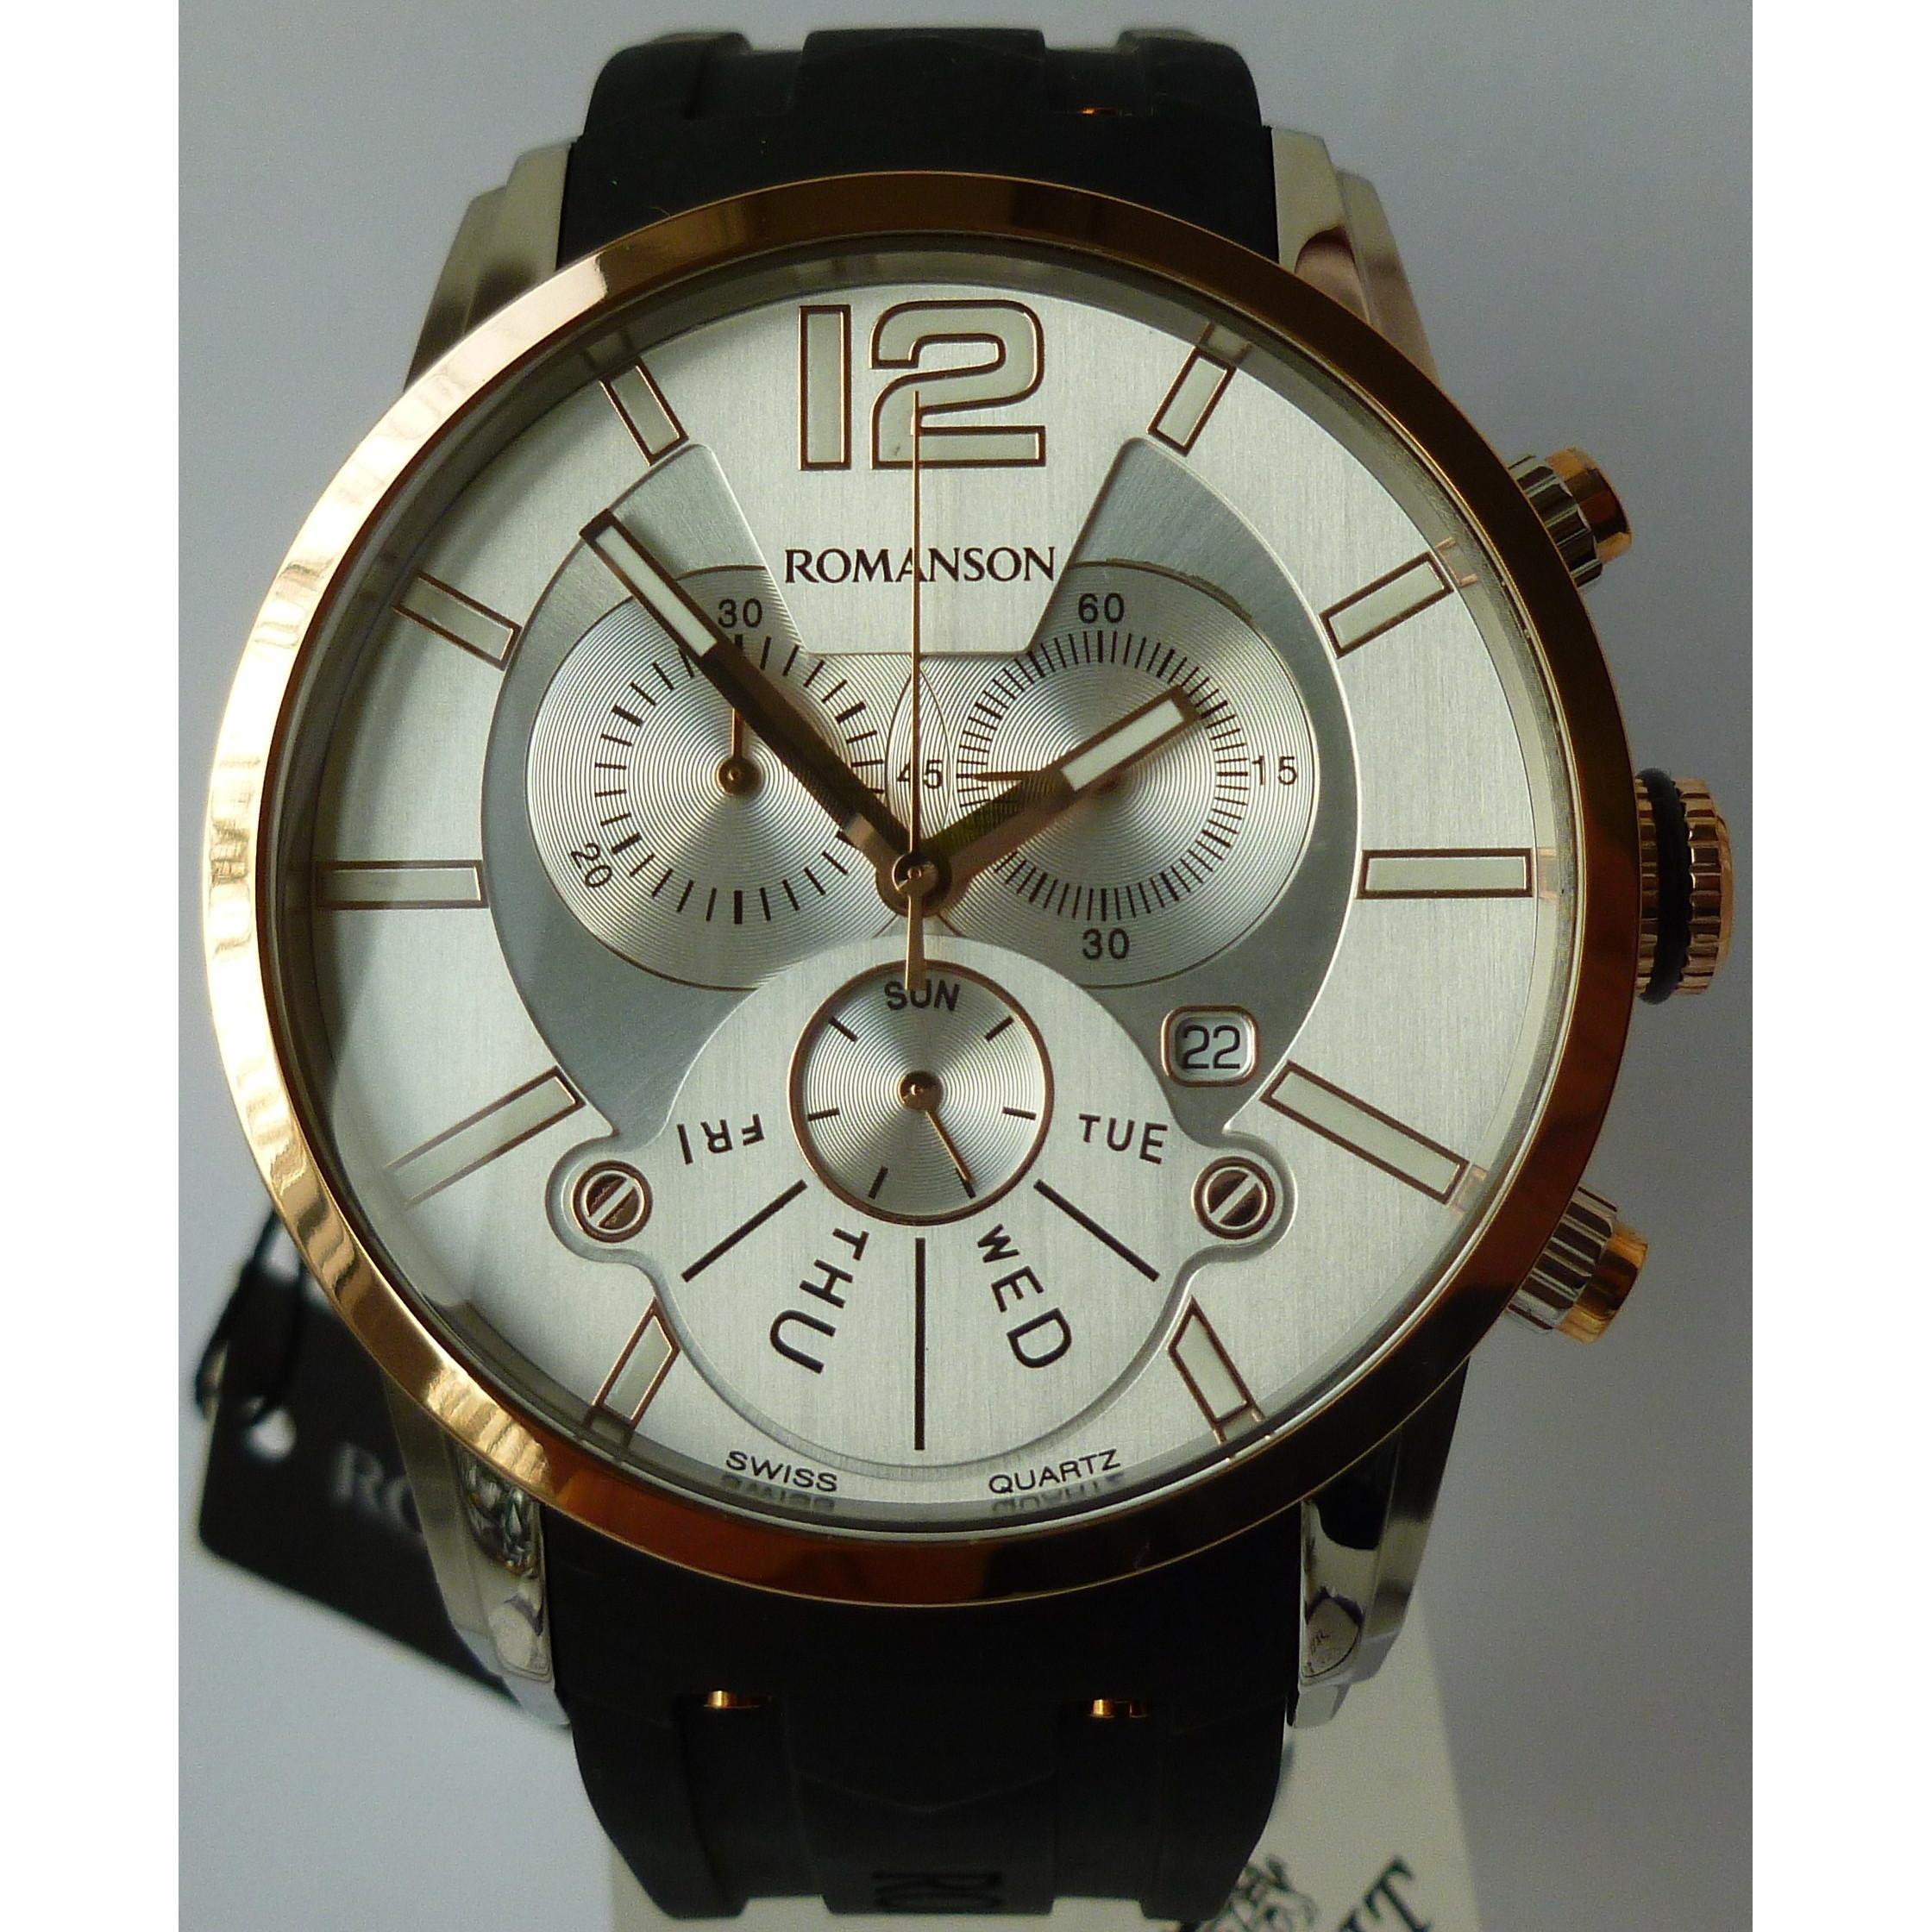 b489ced3 Европейские часы :: Romanson :: Романсон :: Мужские кварцевые часы ...